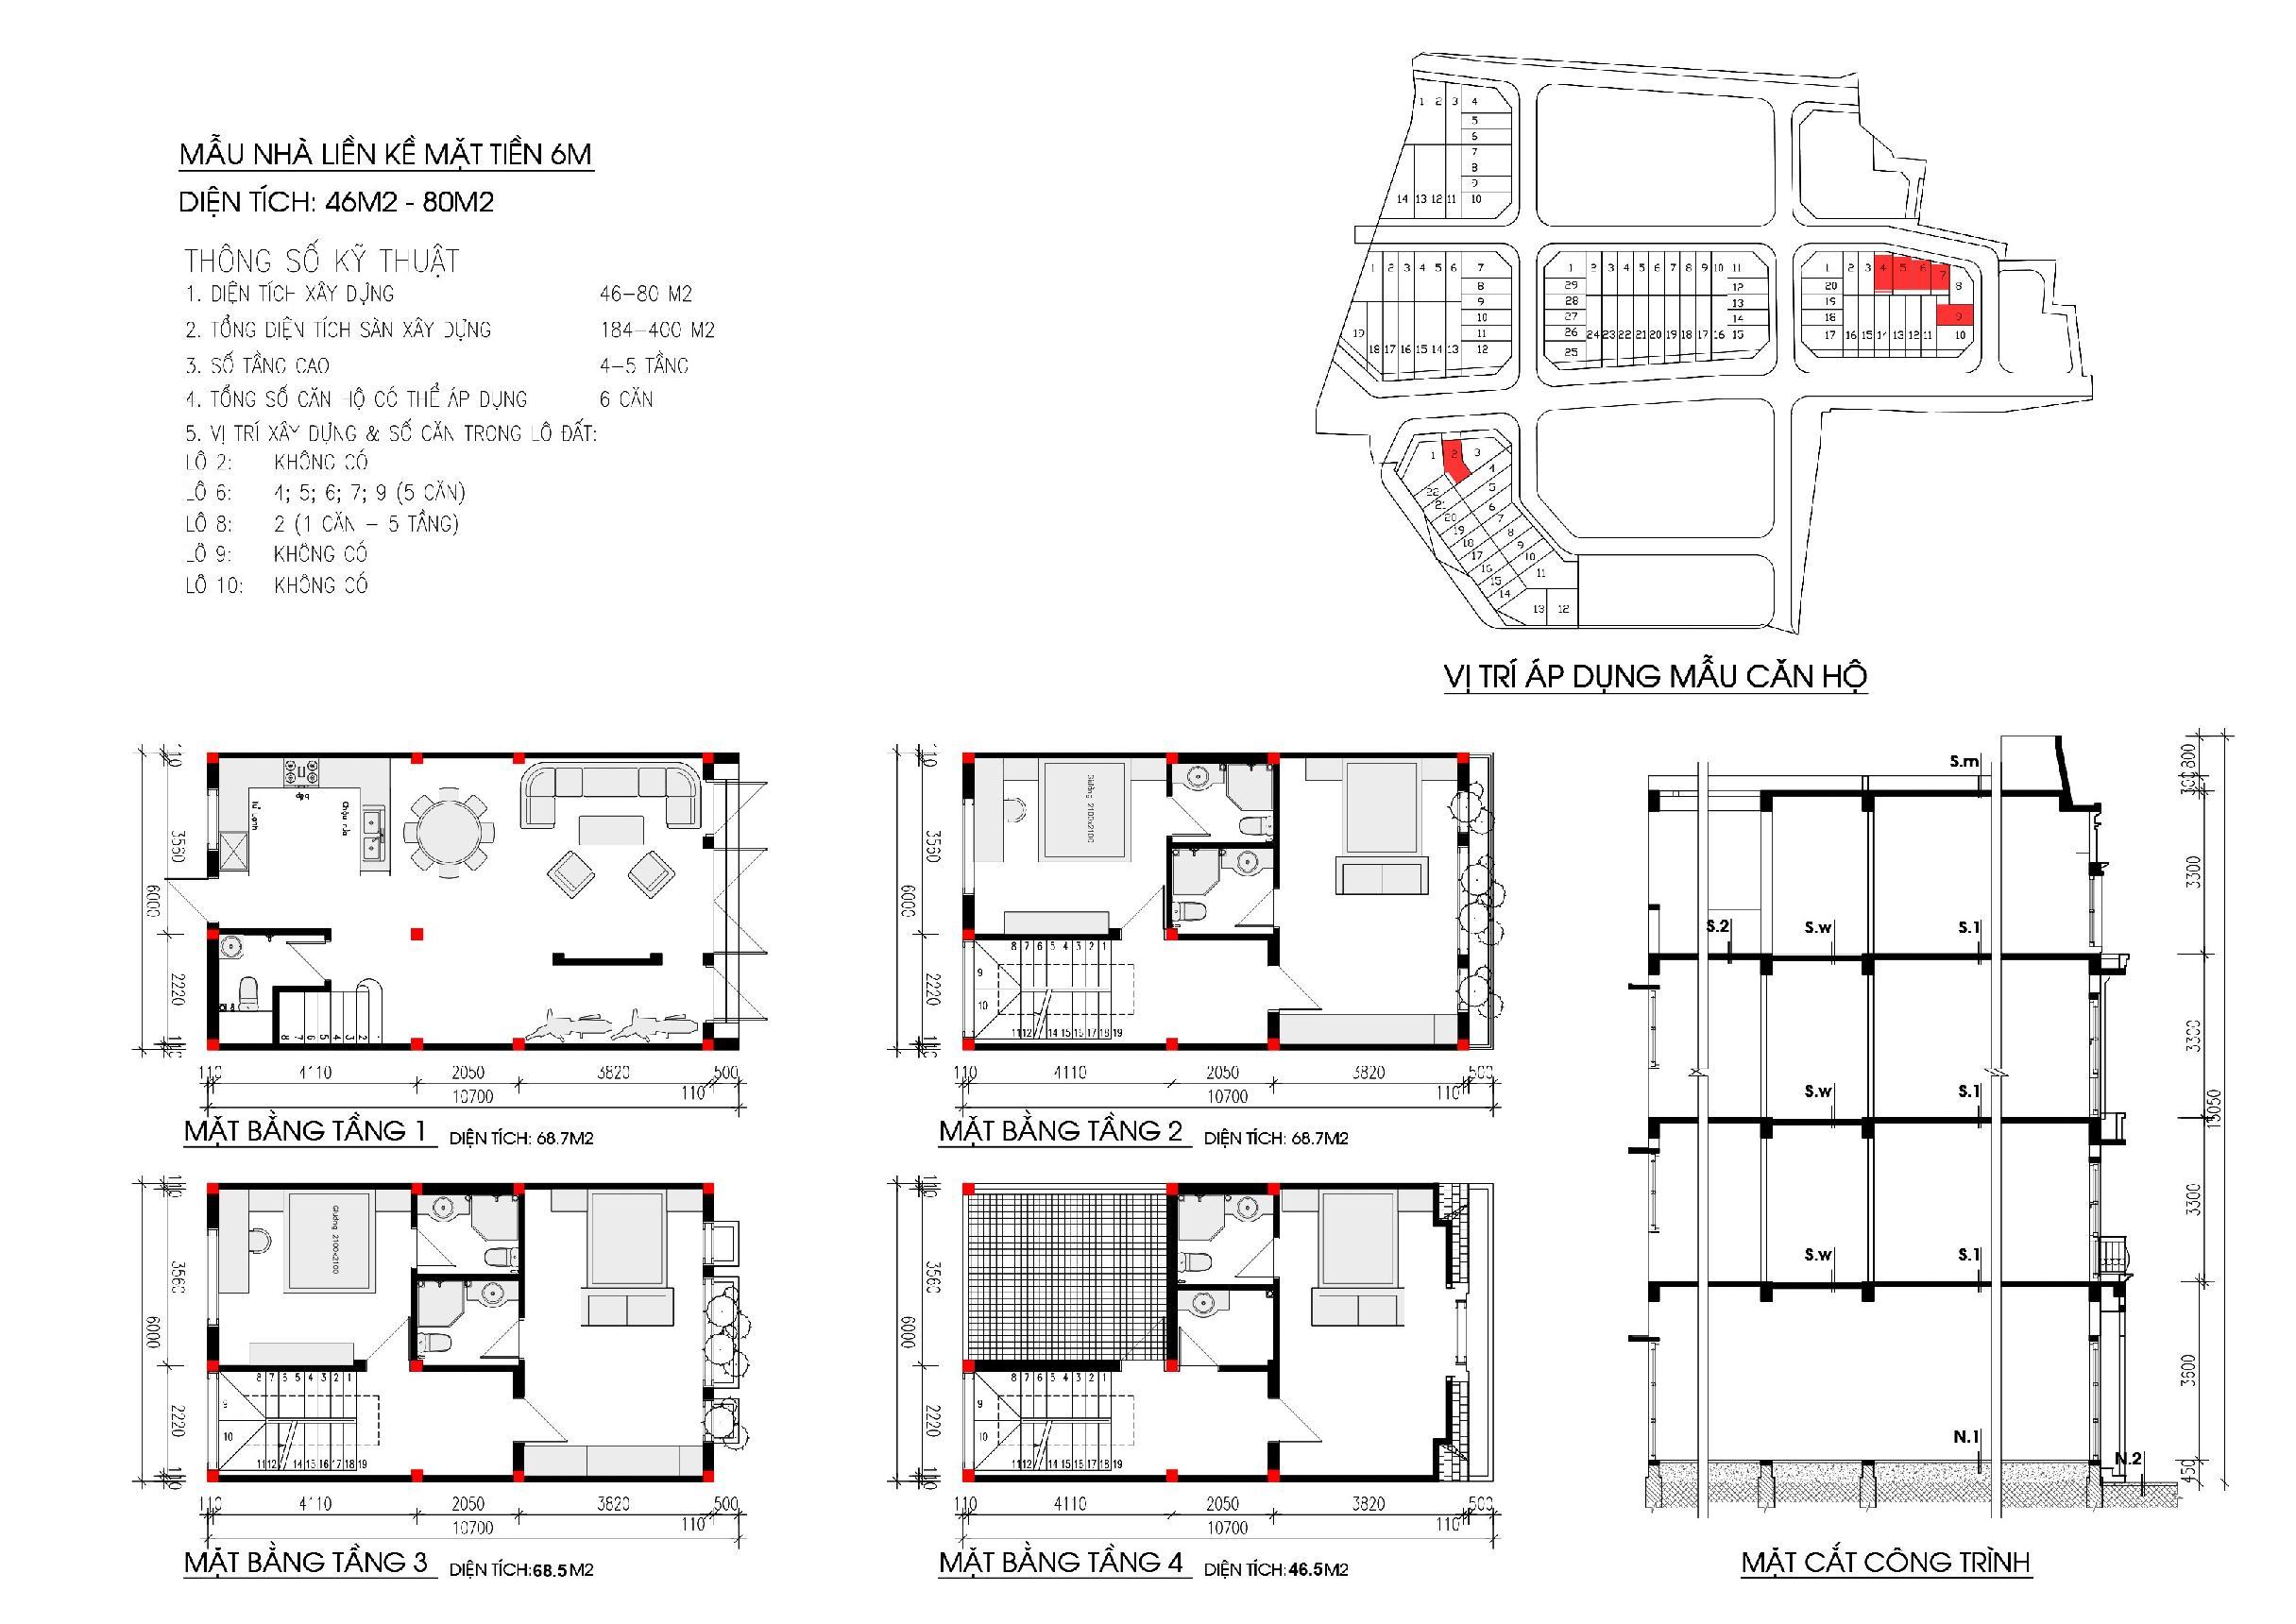 Thiết kế diện tích 46 - 80 m2 liền kề Nam Thắng